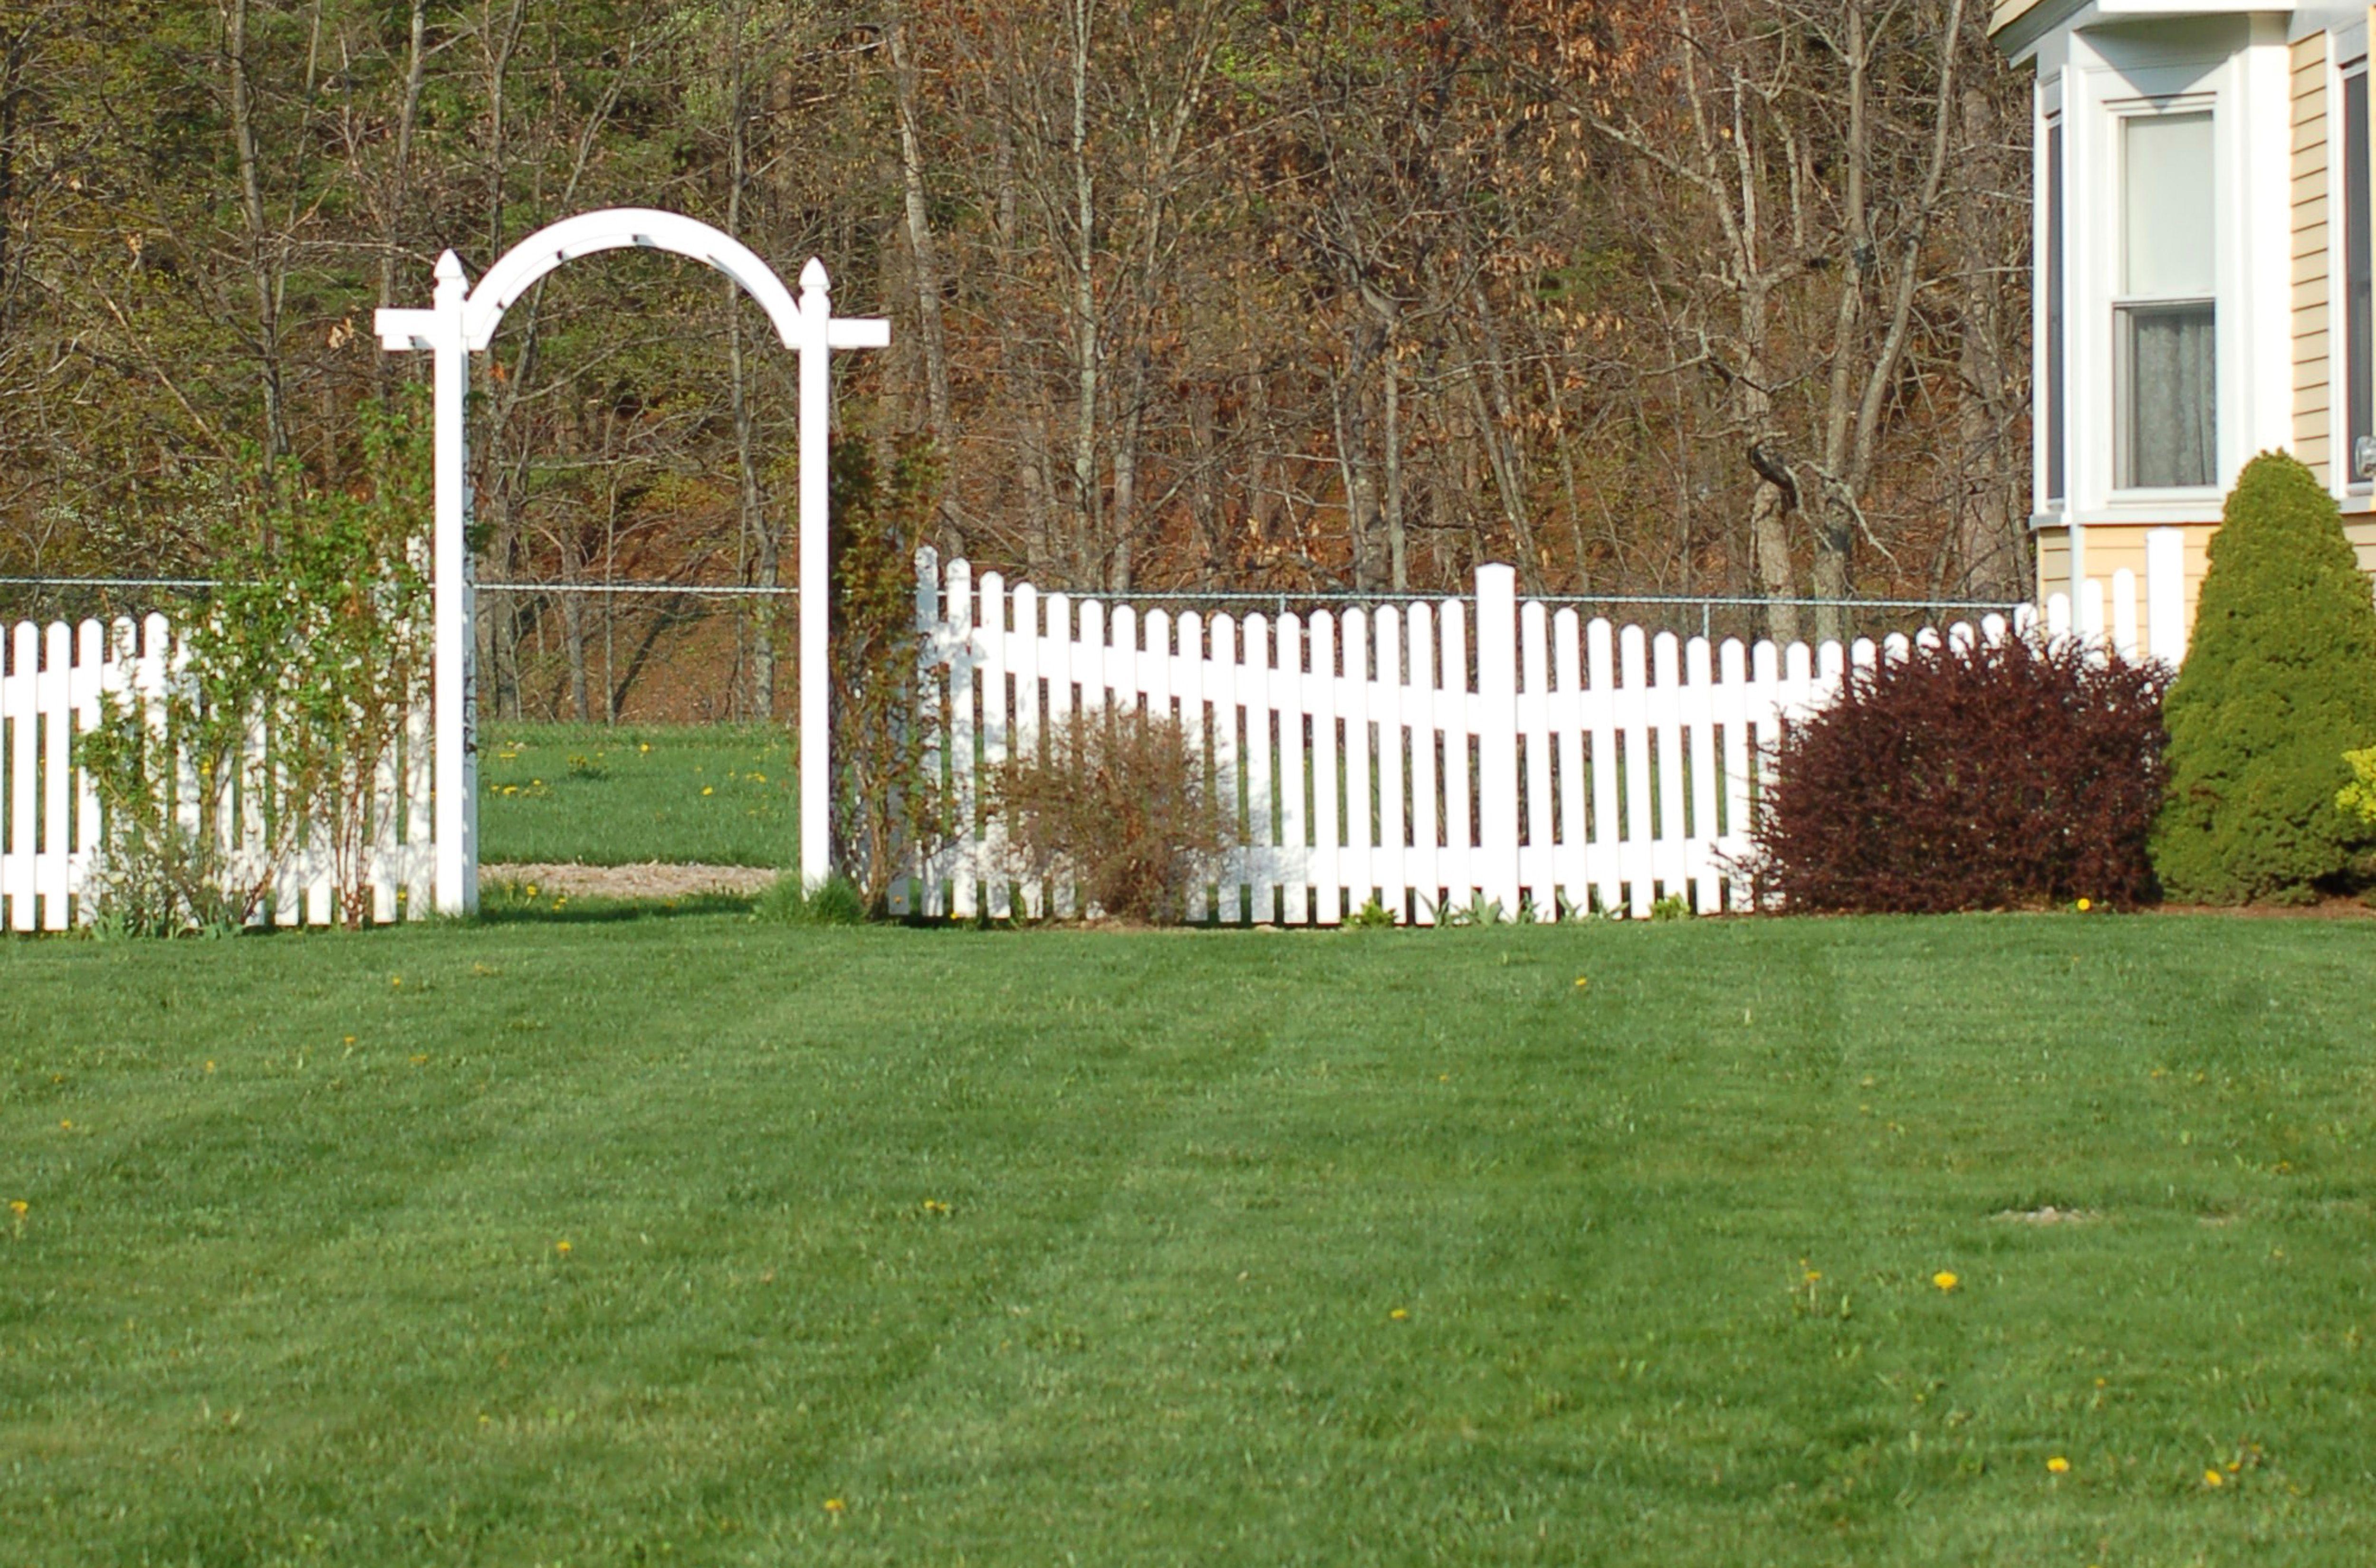 Este cenador proporciona una transición en un vasto patio lateral, definiendo para el espectador dónde termina el patio delantero y dónde comienza la parte posterior